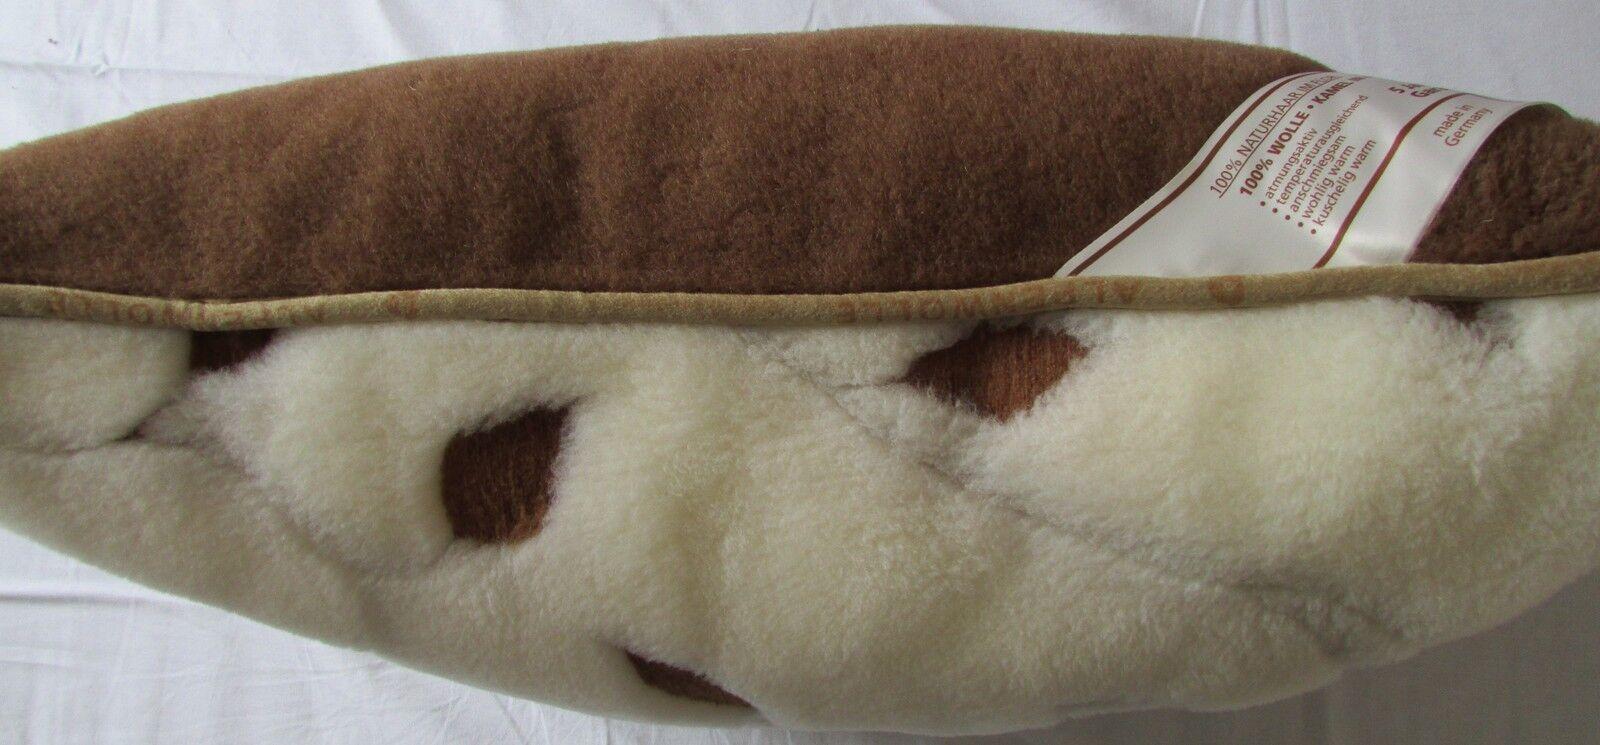 Kopfkissen  Lilii  Kamel Merino Wolle, 40x60cm, 100% Wolle, Made in Germany | Lass unsere Waren in die Welt gehen